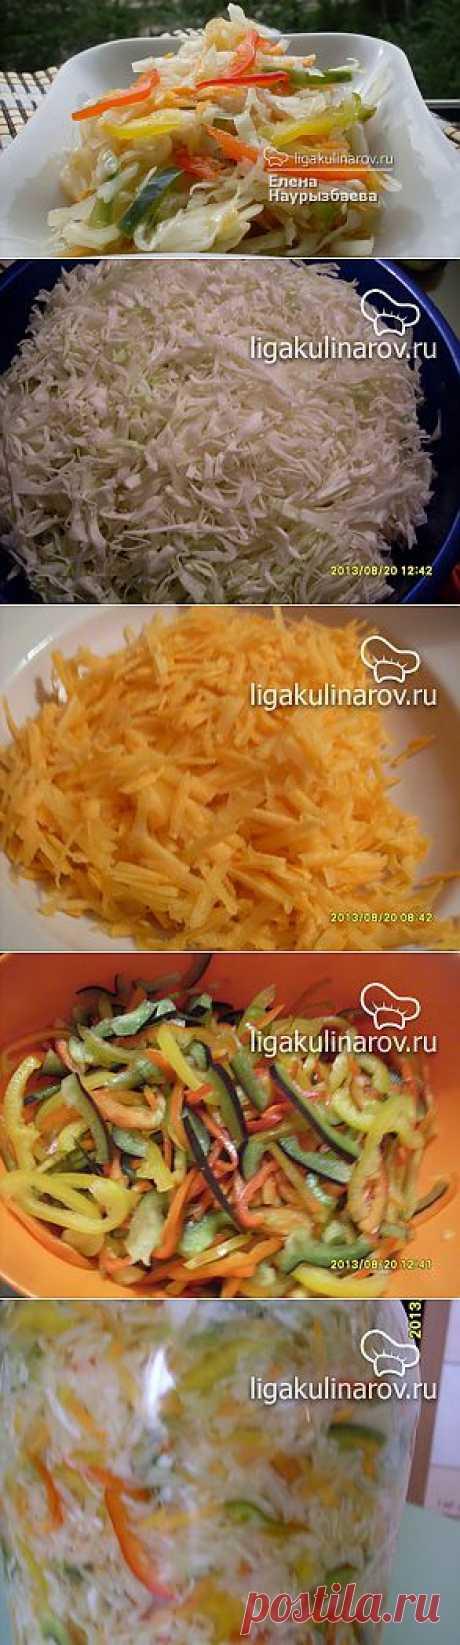 Капуста в маринаде – рецепт с фото от Лиги Кулинаров, пошаговый рецепт